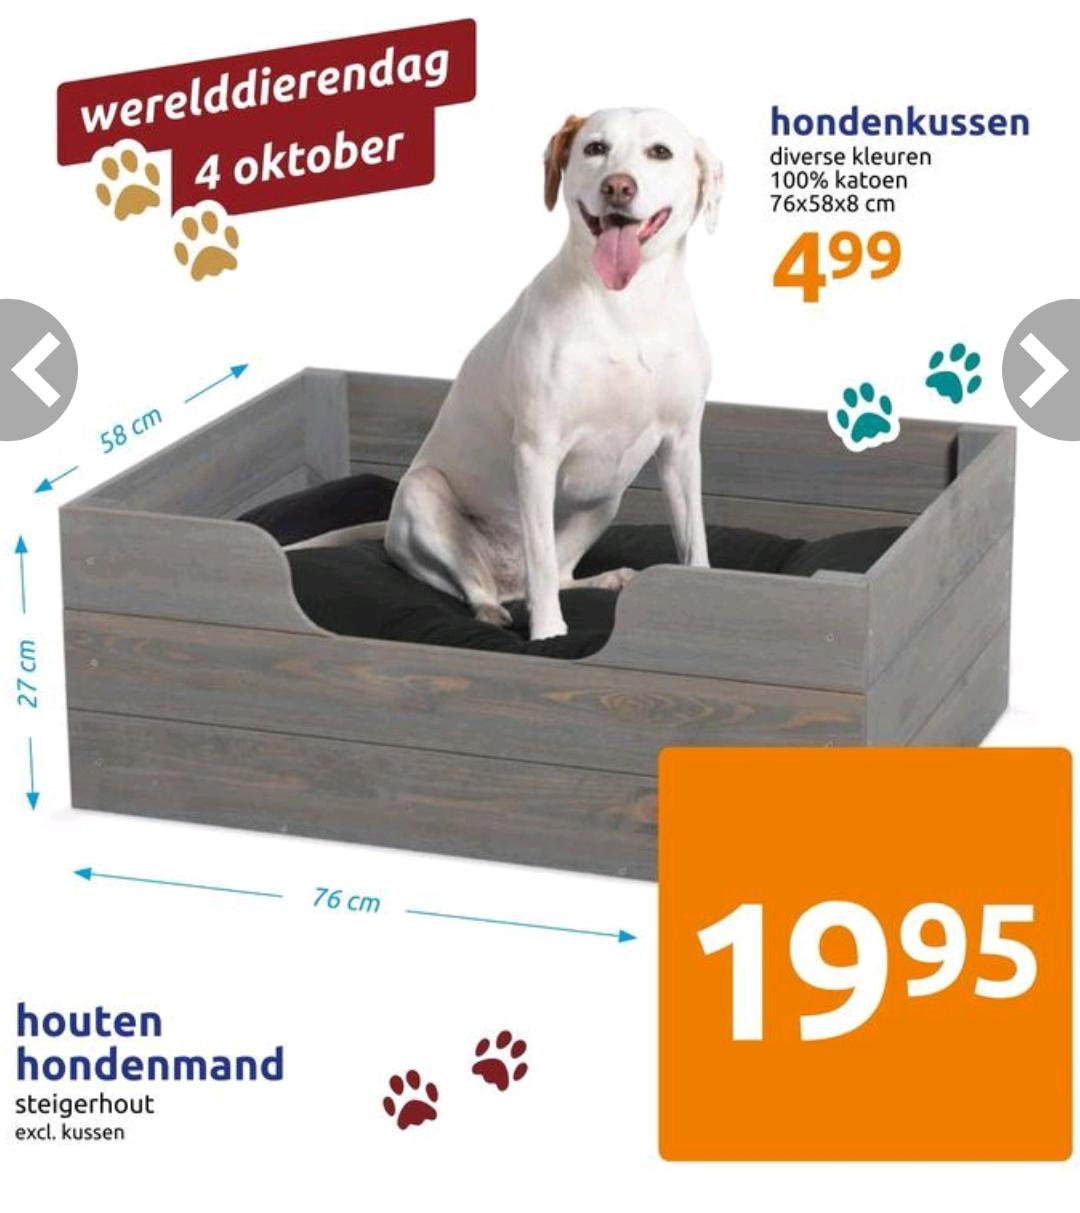 [Vanaf woensdag] Houten hondenmand 76x58x27cm @ Action